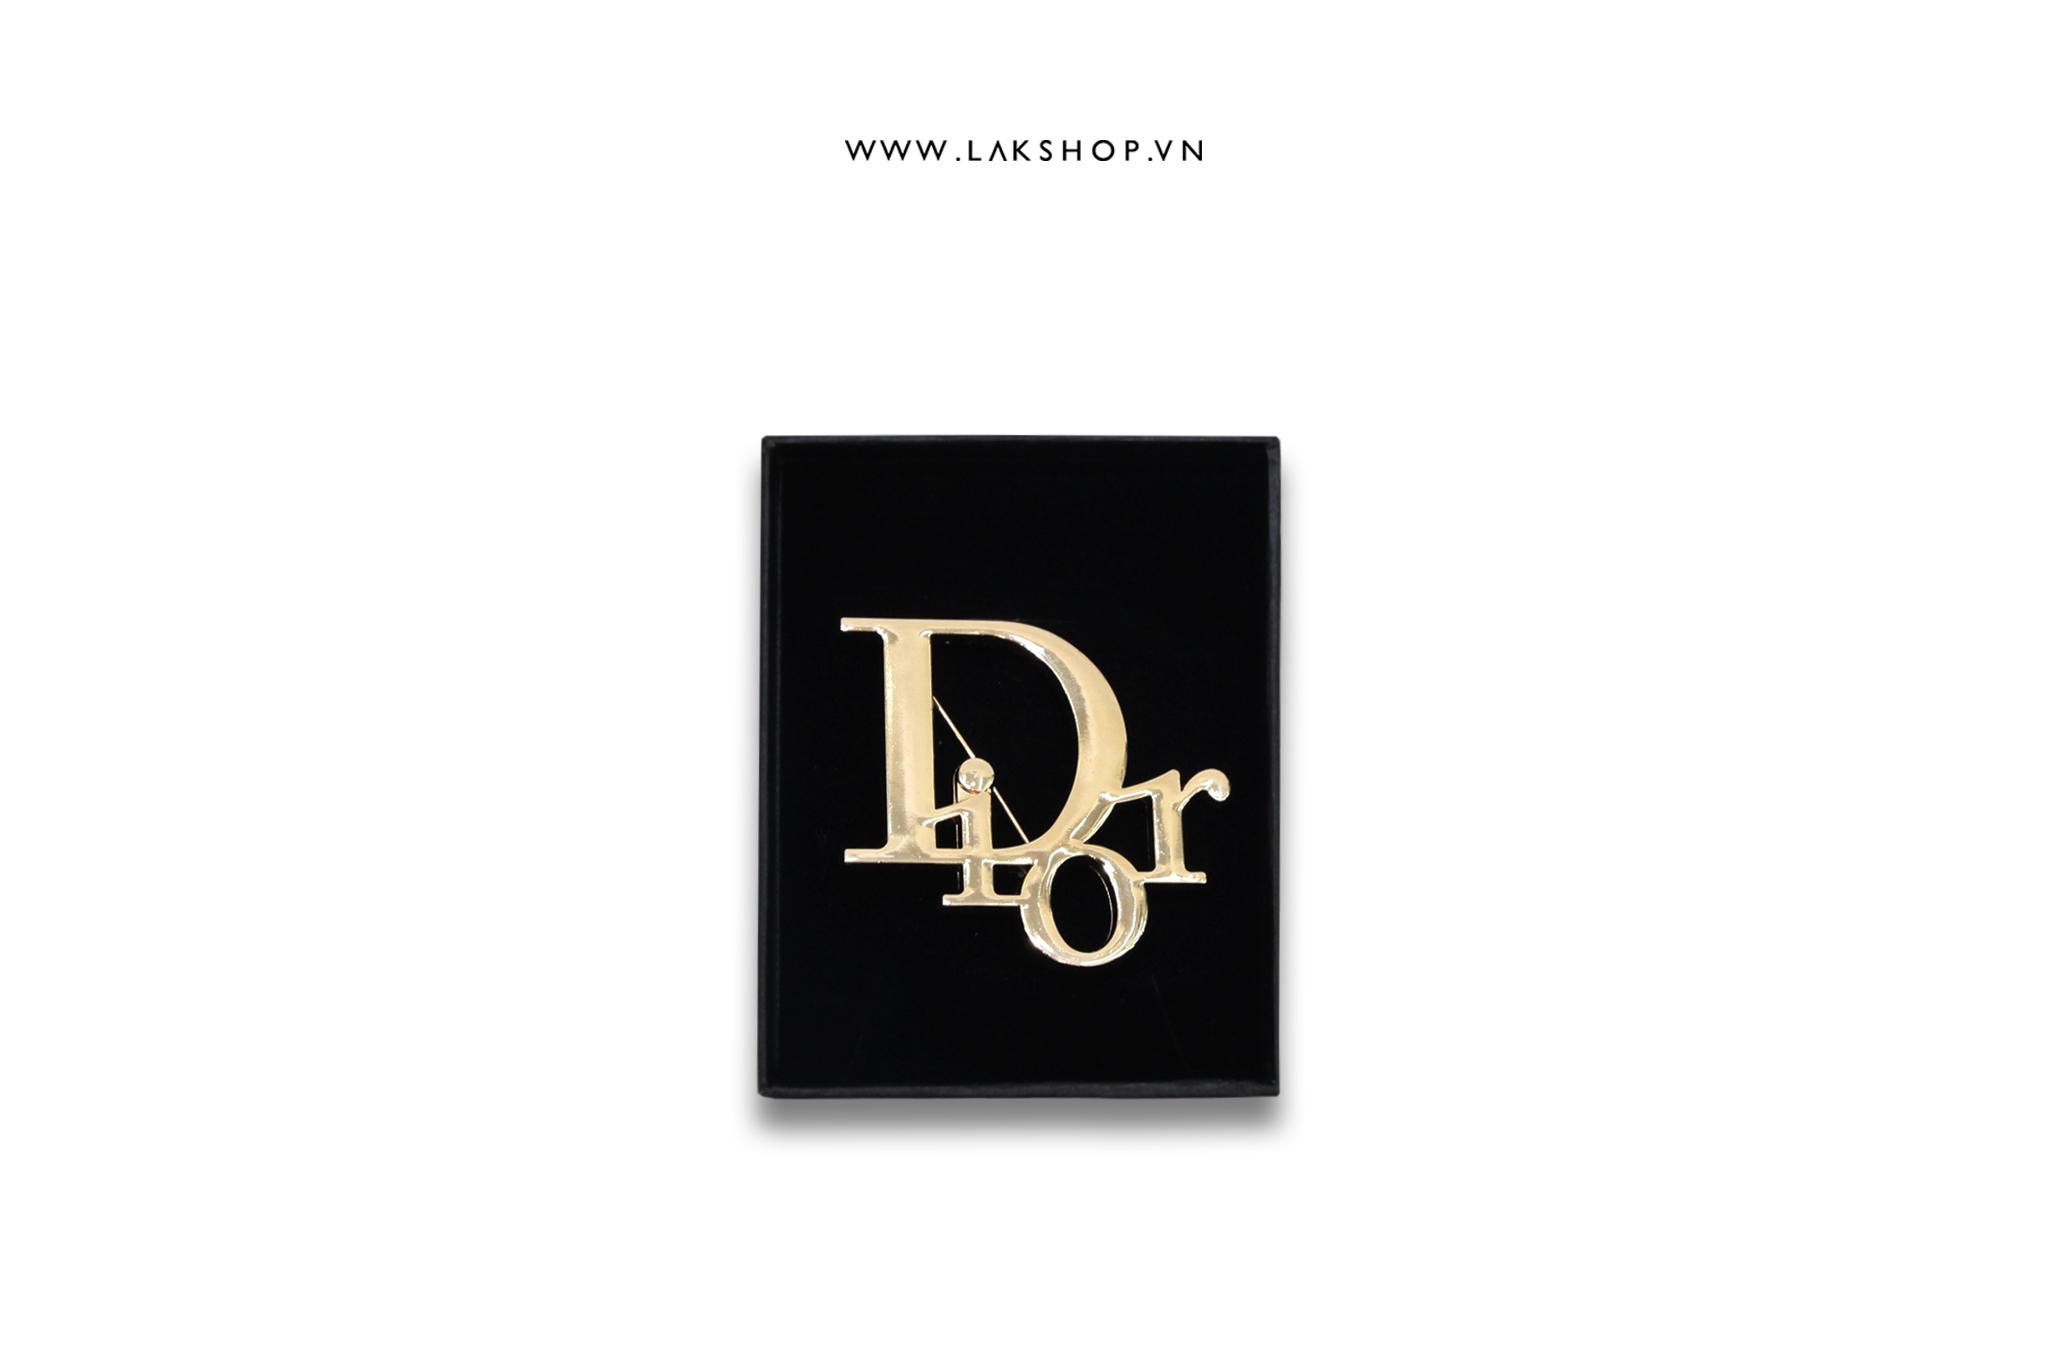 Trâm Cài Logo Dior Vàng